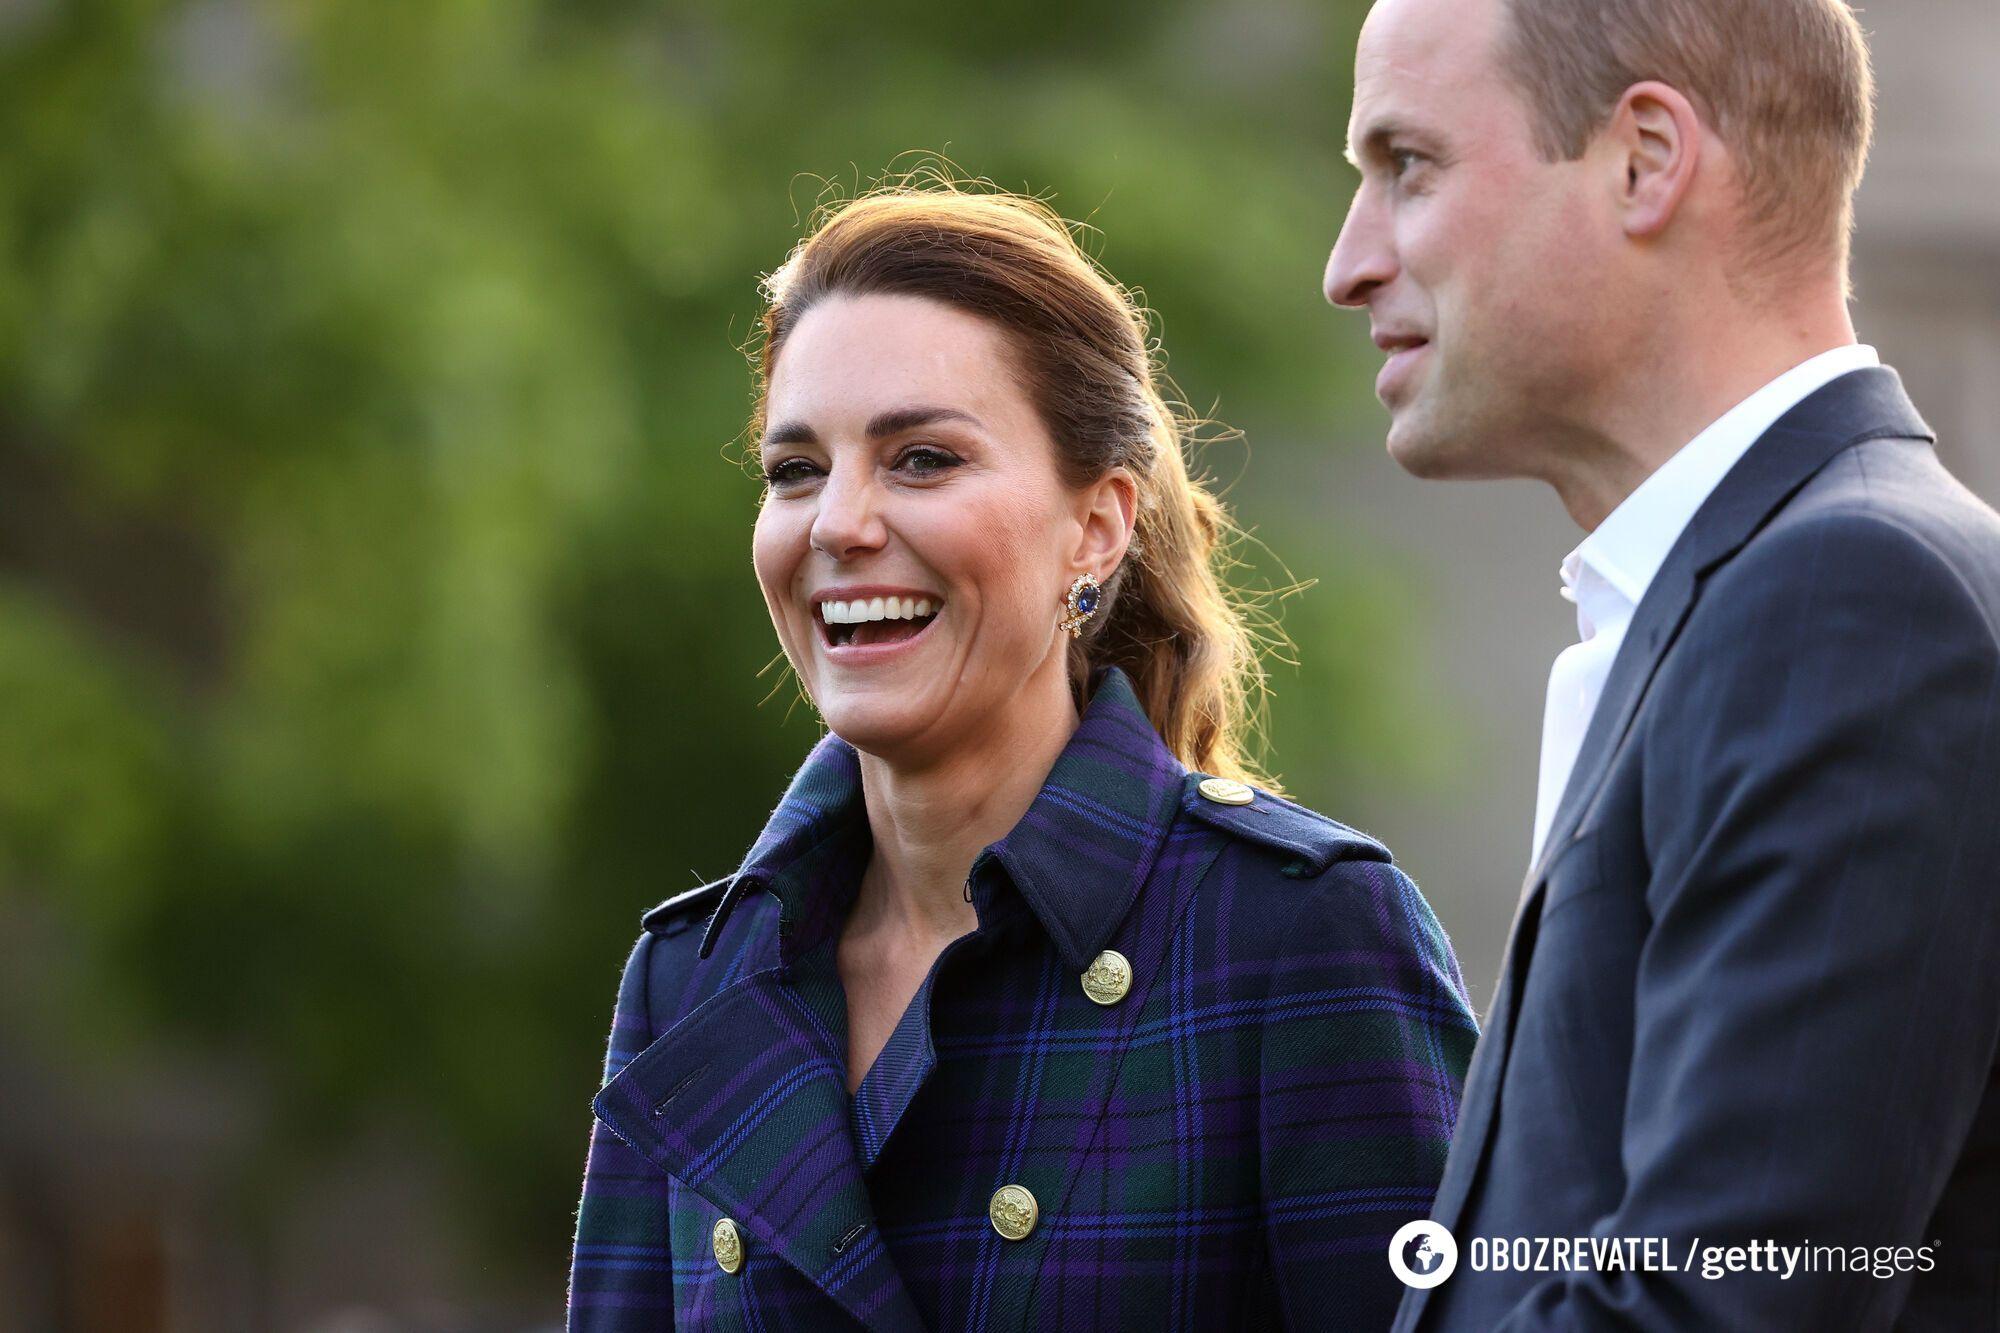 Кейт Міддлтон і принц Вільям познайомилася у 2001 році